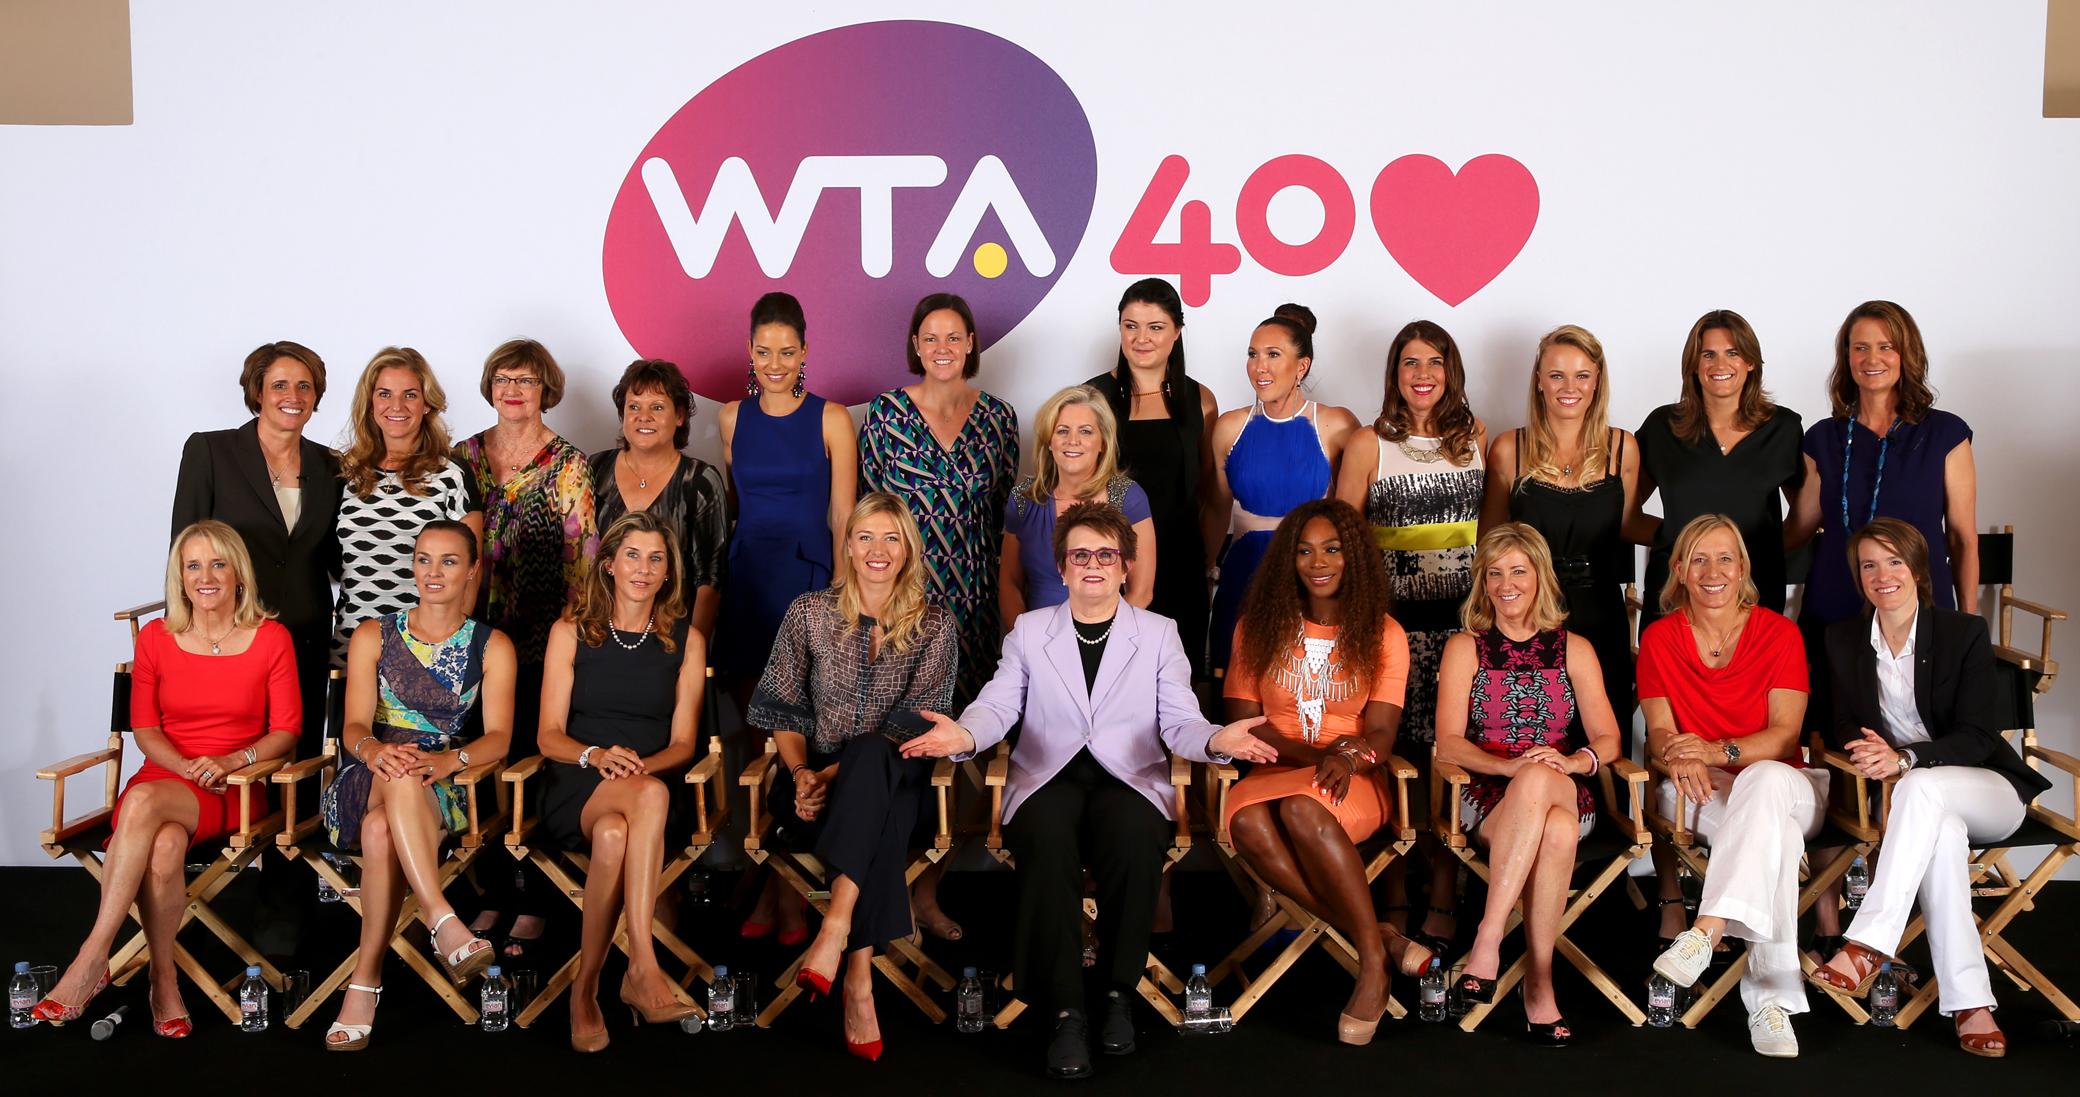 Матчи WTA - генератор прибыли по ставкам на большие коэффициенты